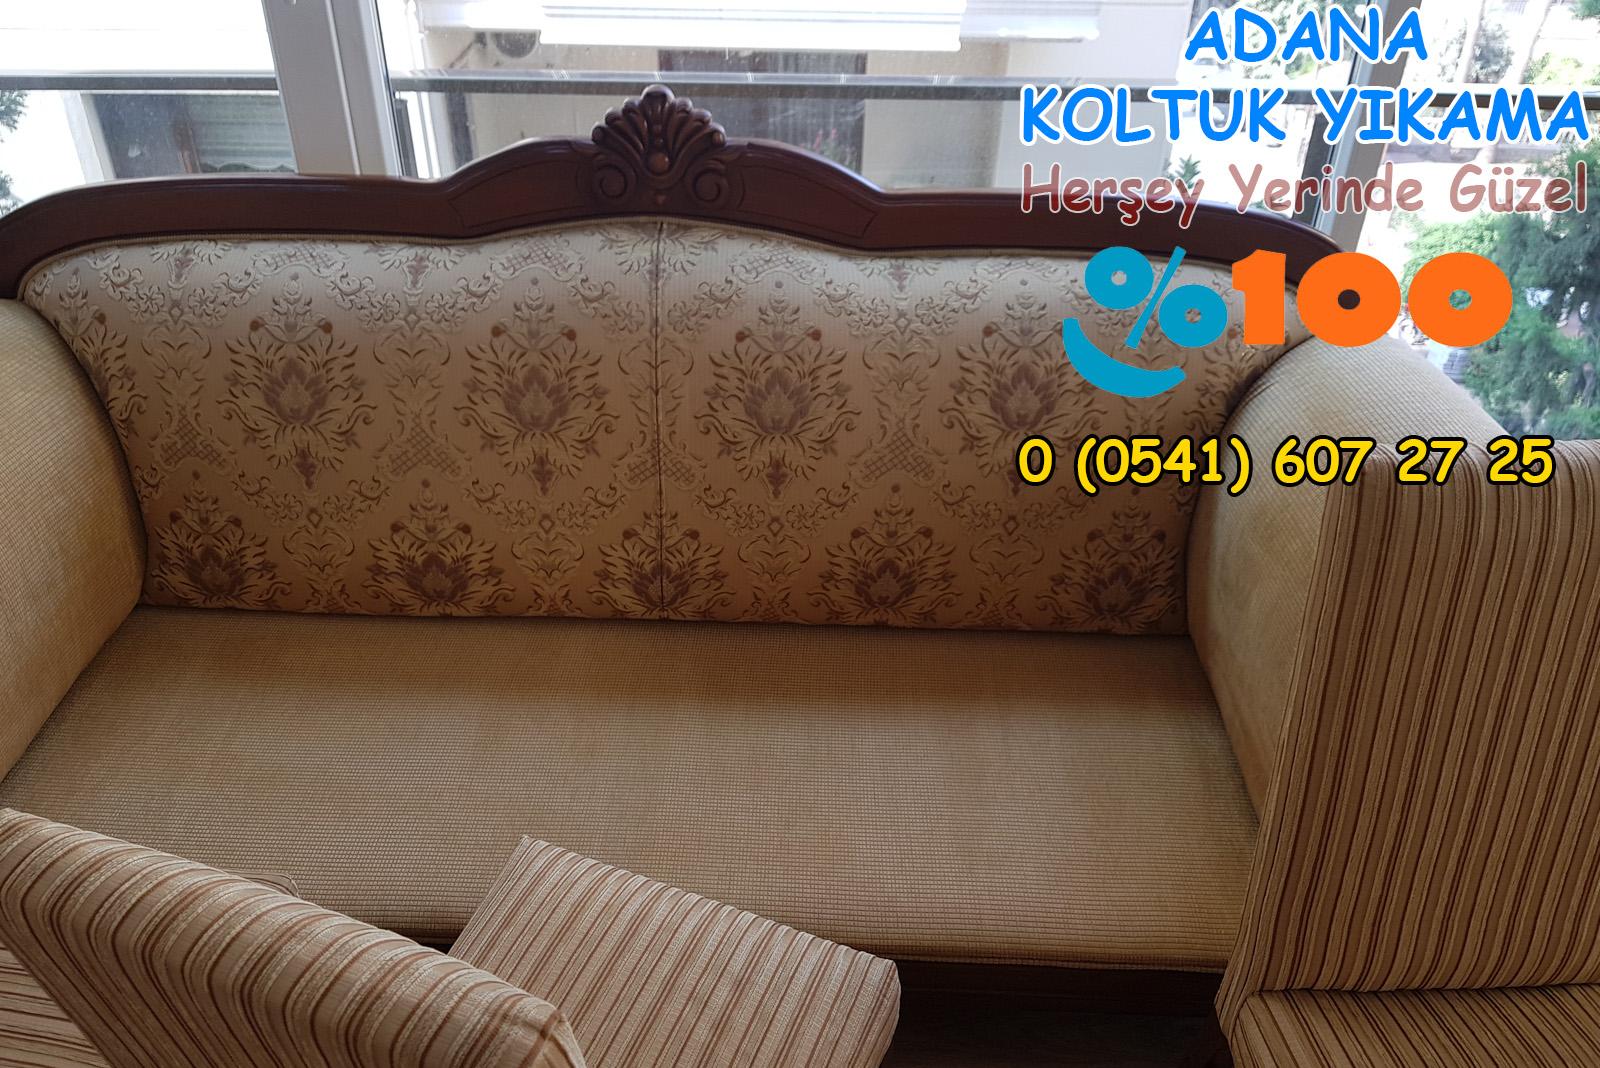 Adana Koltuk Yıkama | Esin Loft Sitesi